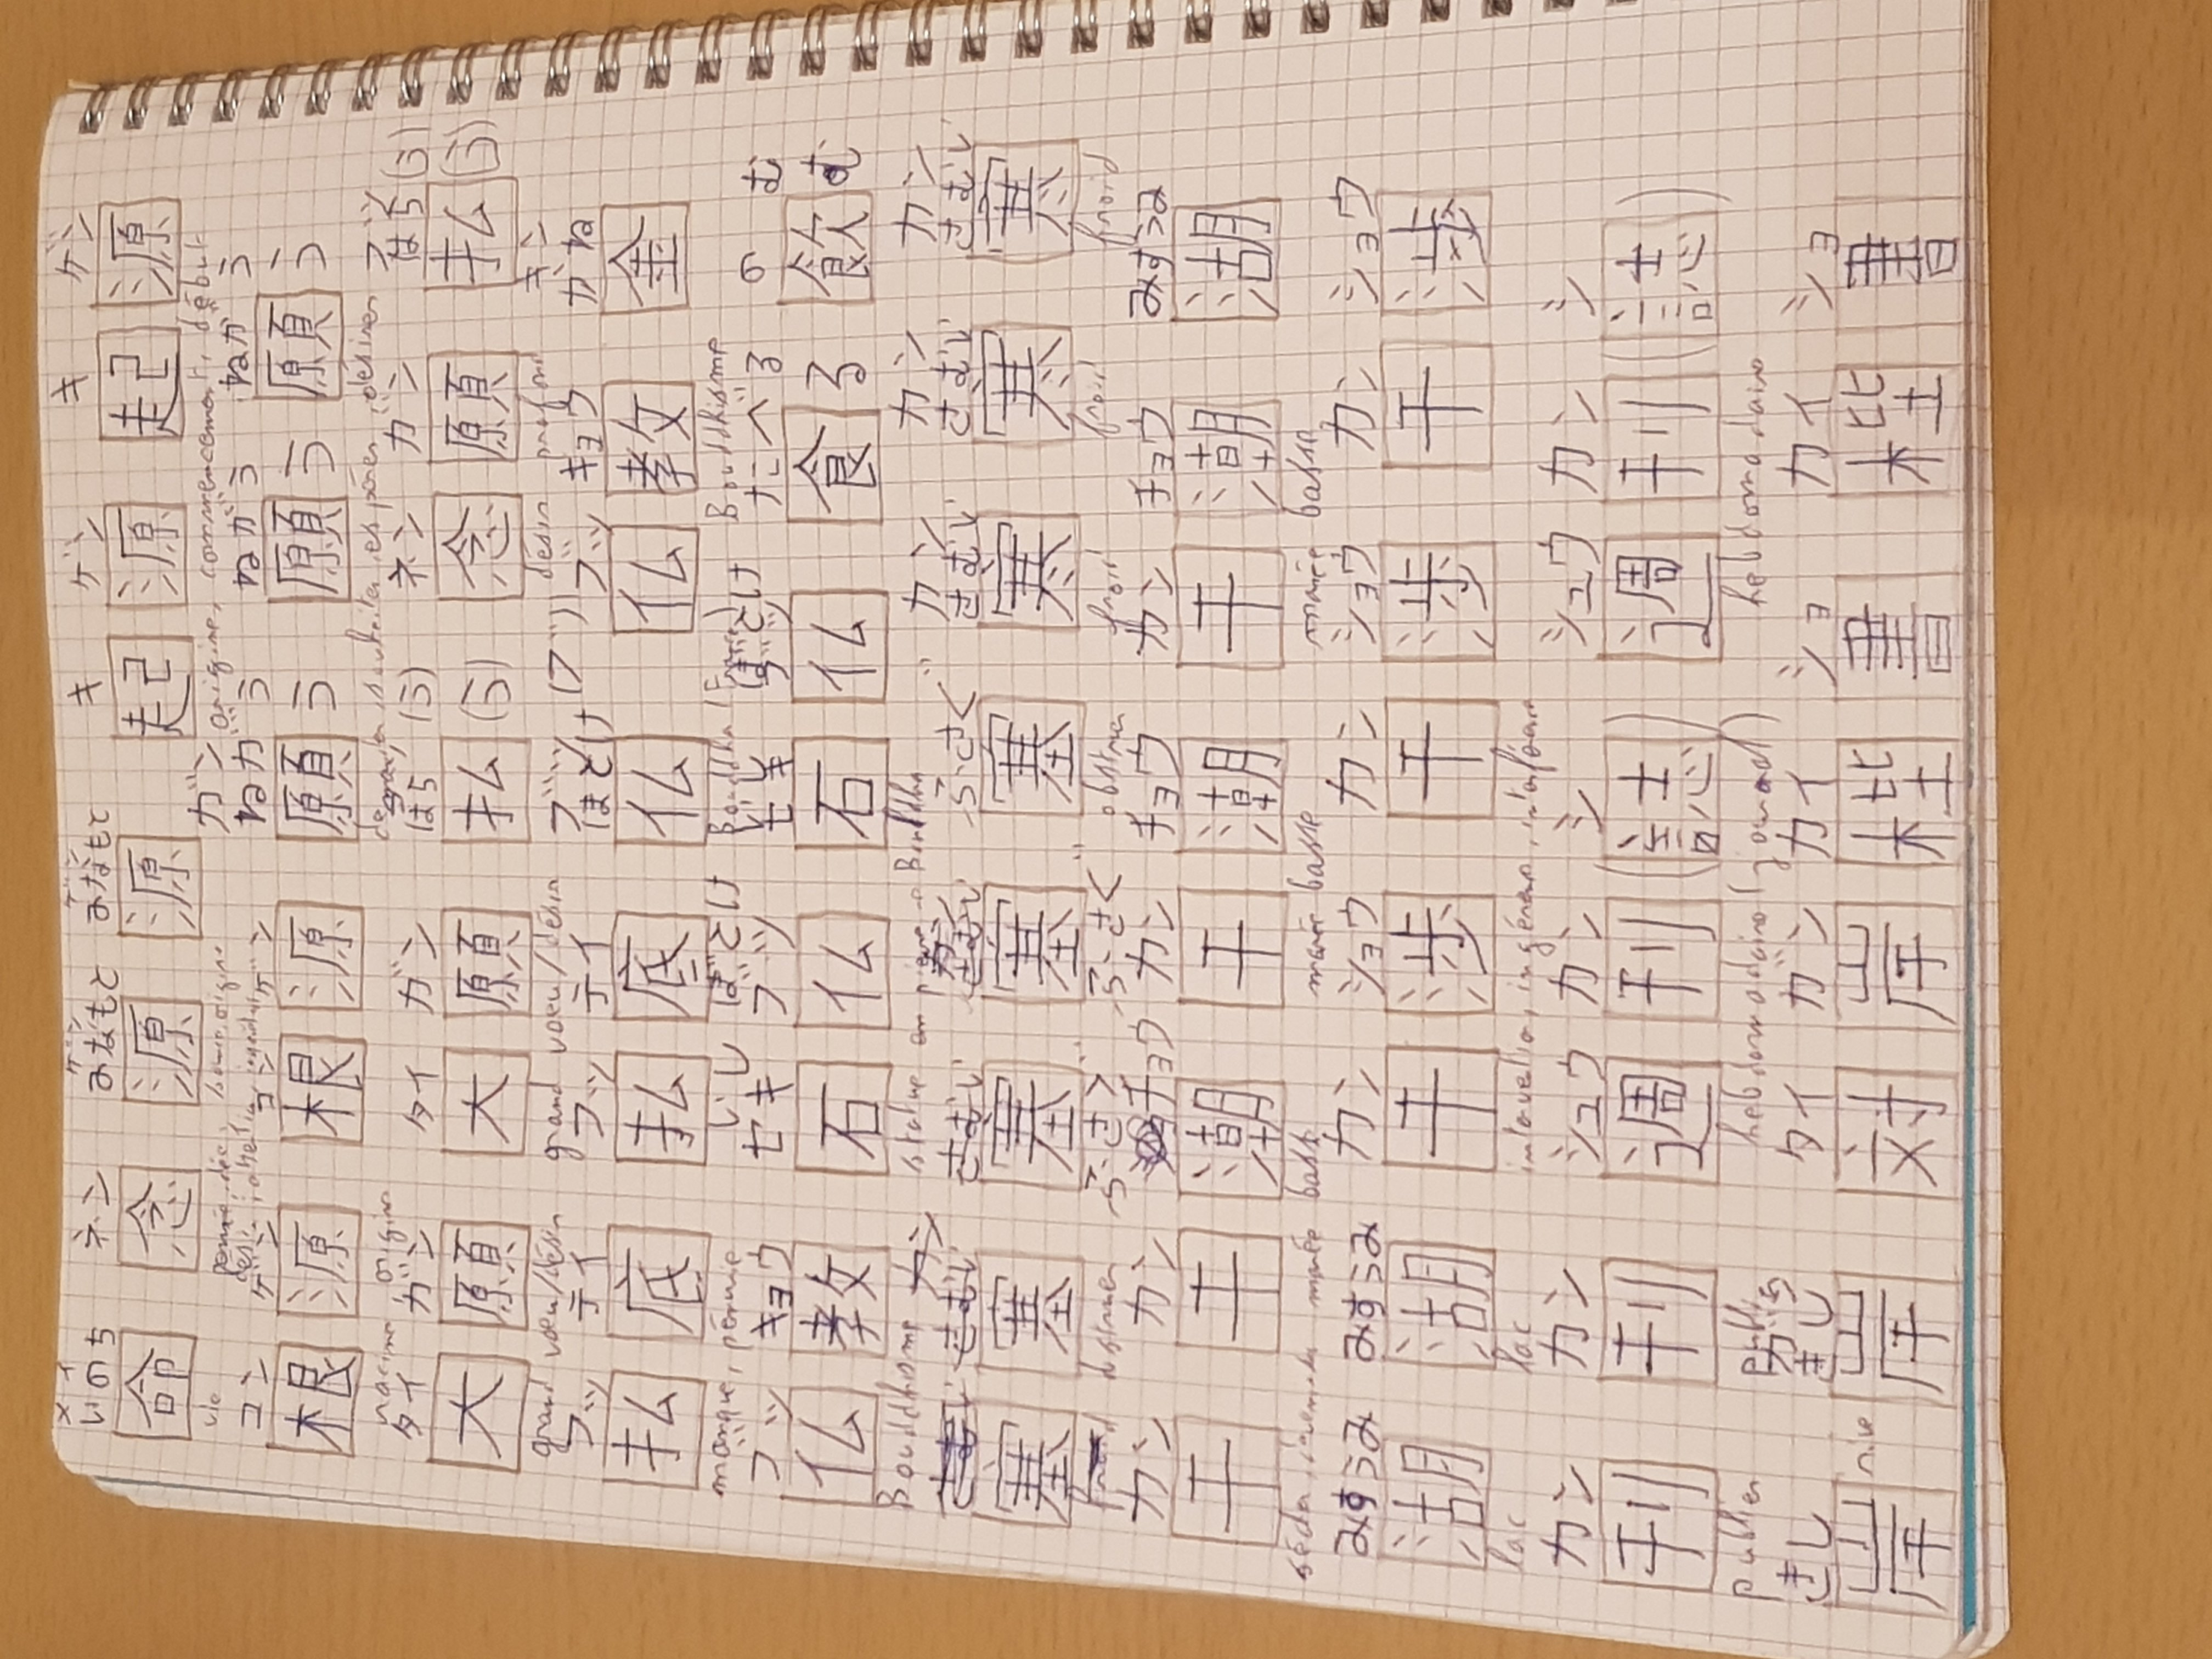 Quelle la meilleure méthode pour apprendre le japonais ? - Page 5 1600197007-20200915-210631